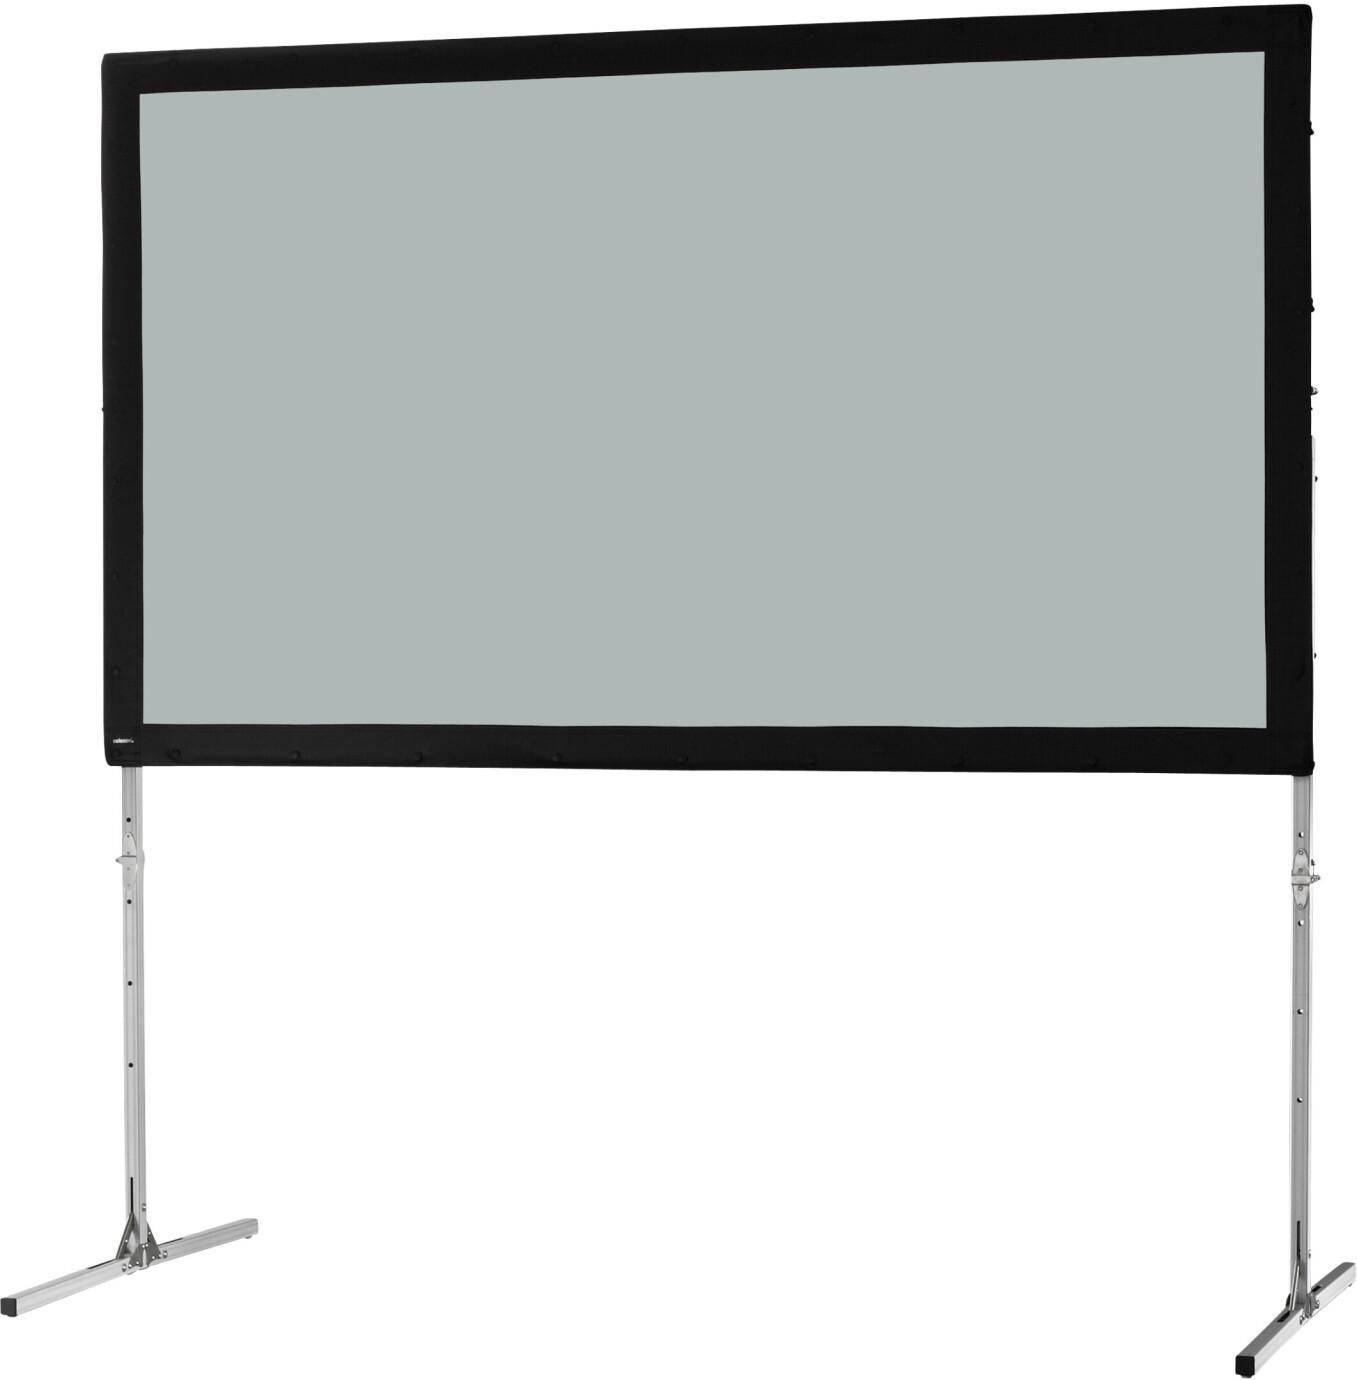 celexon Faltrahmen Leinwand Mobil Expert 244 x 137cm, Rückprojektion